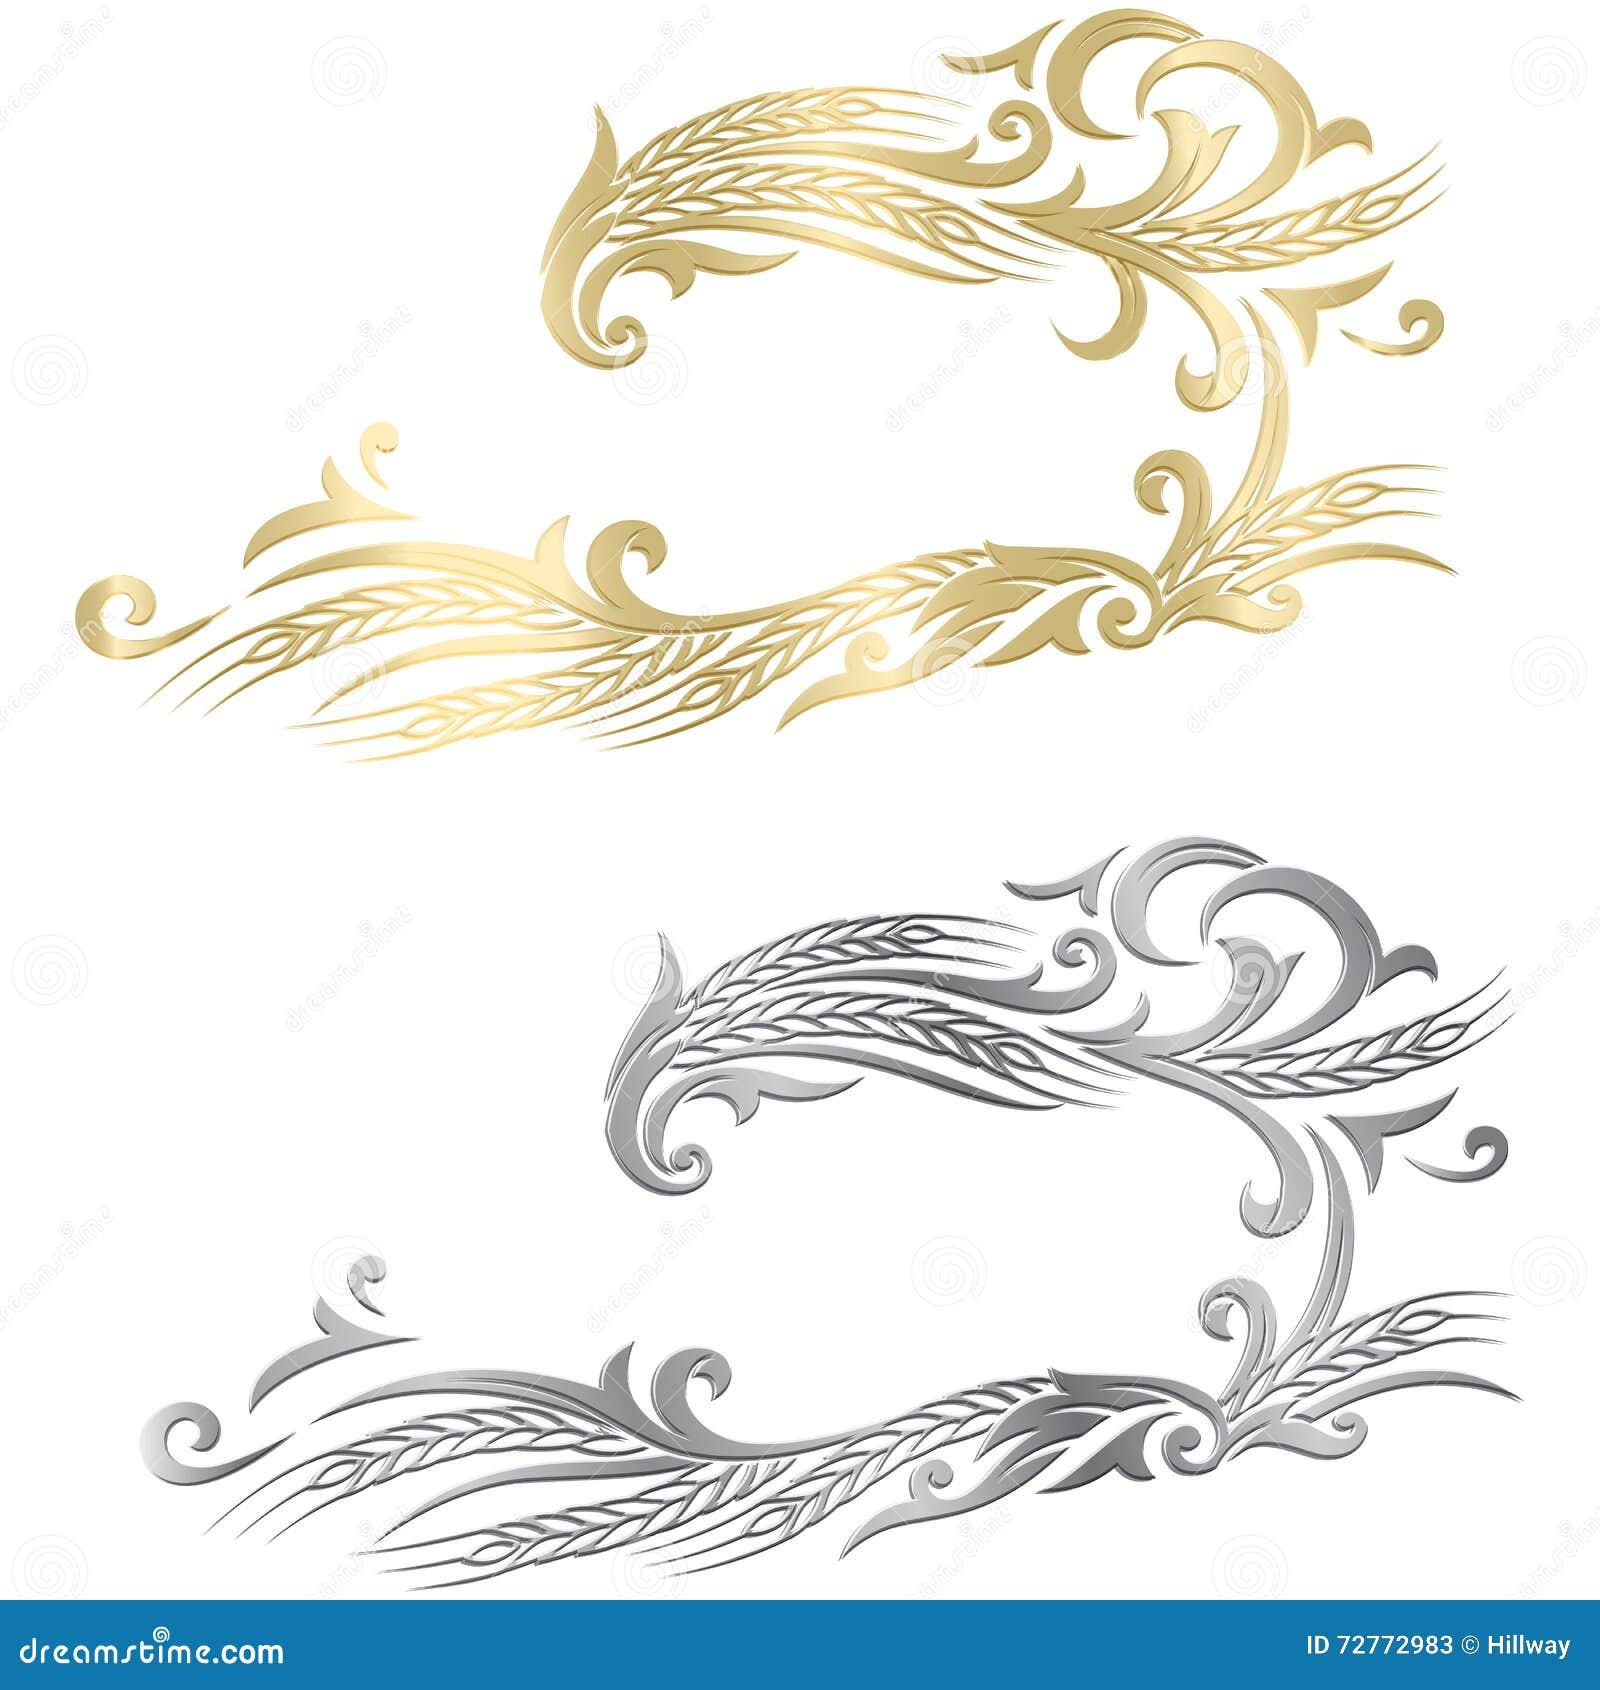 Χρυσό και ασημένιο ώριμο πλαίσιο αυτιών σίτου, σύνορα ή στοιχείο γωνιών